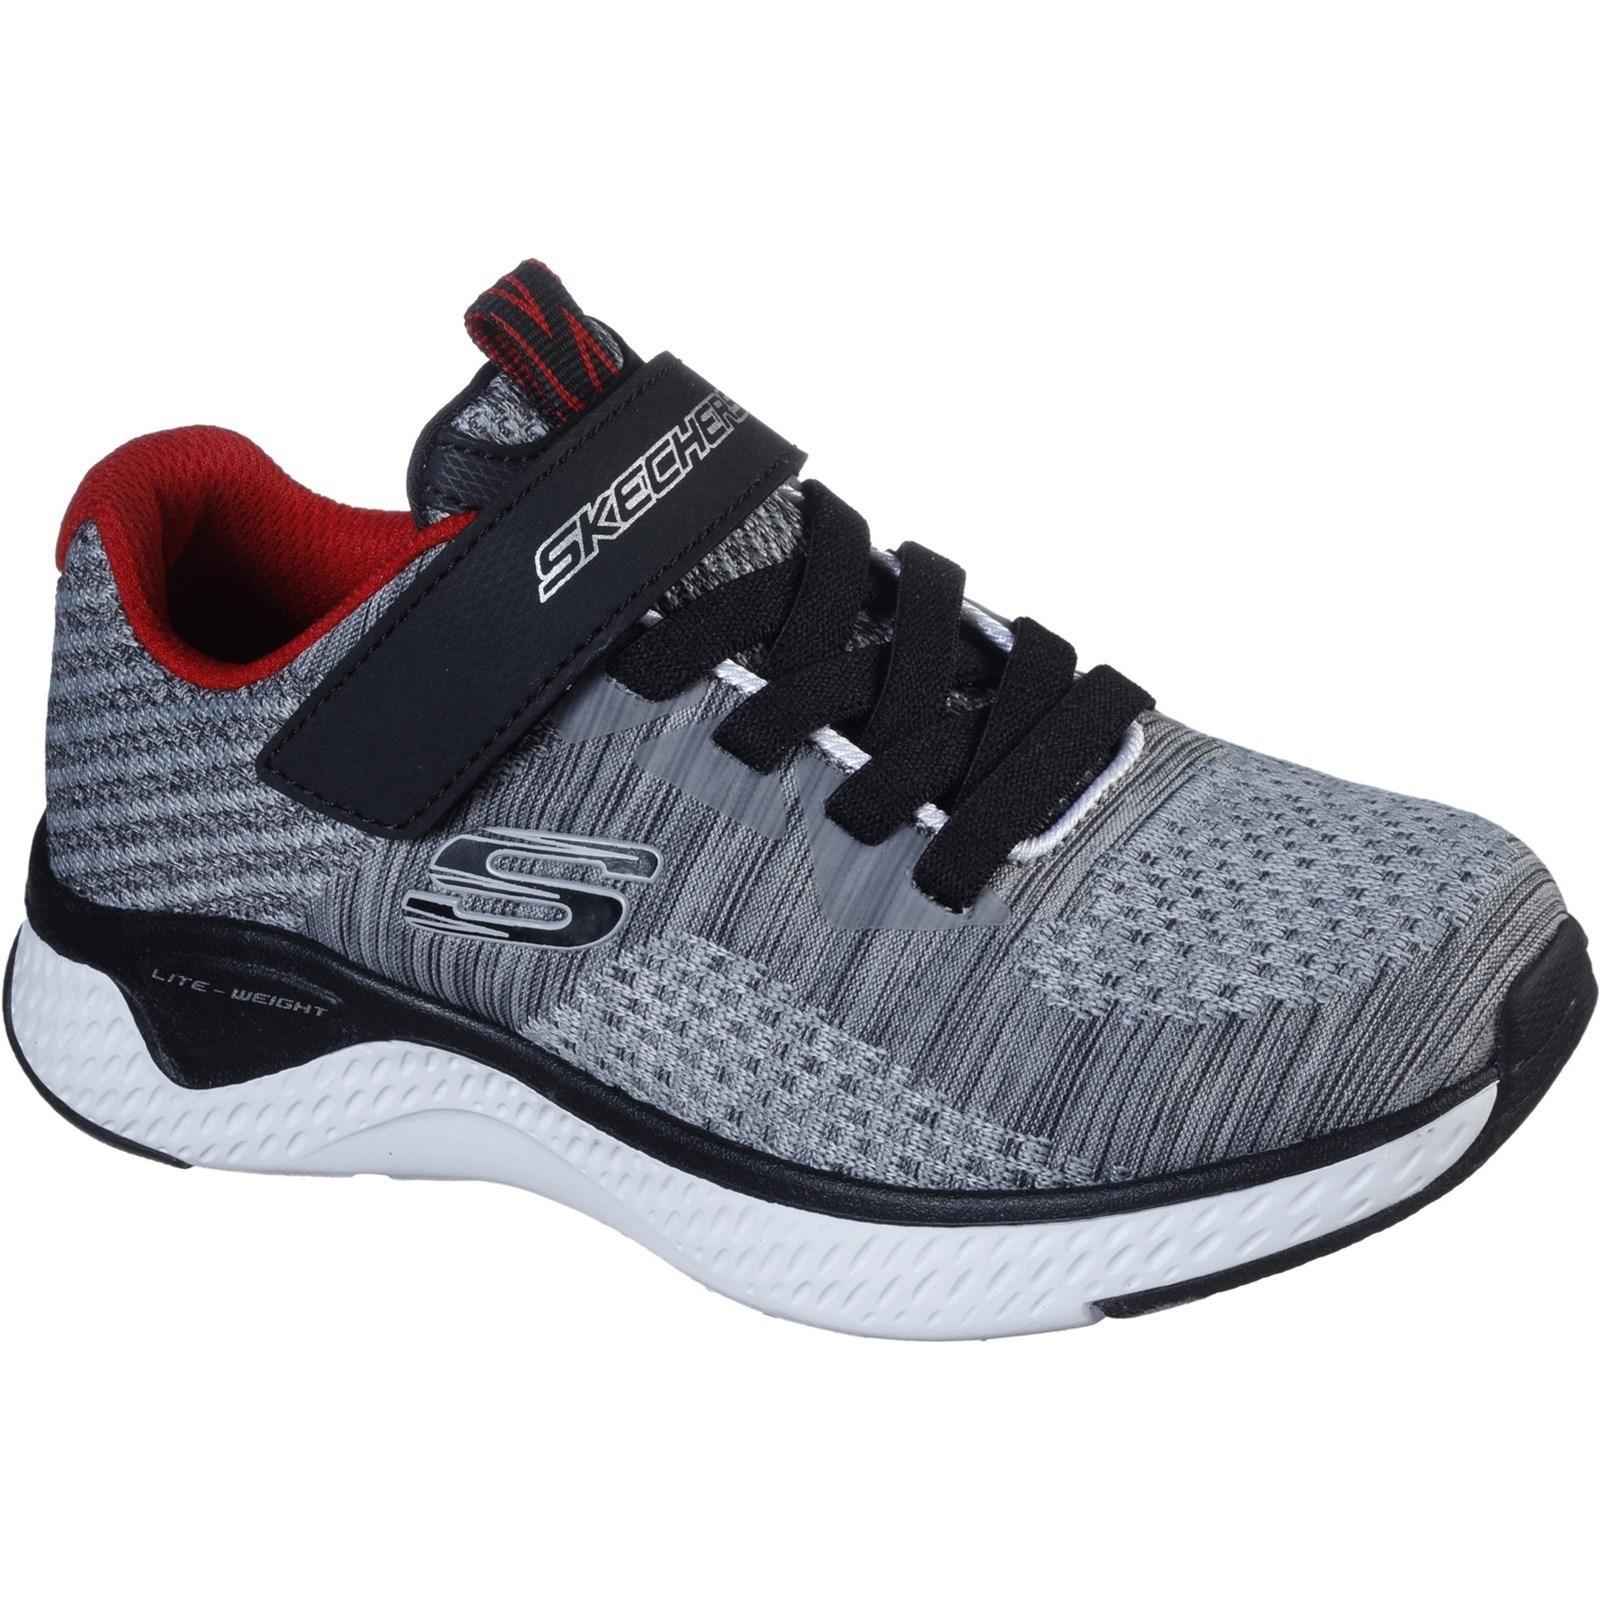 Skechers Solar Fuse Grey Black